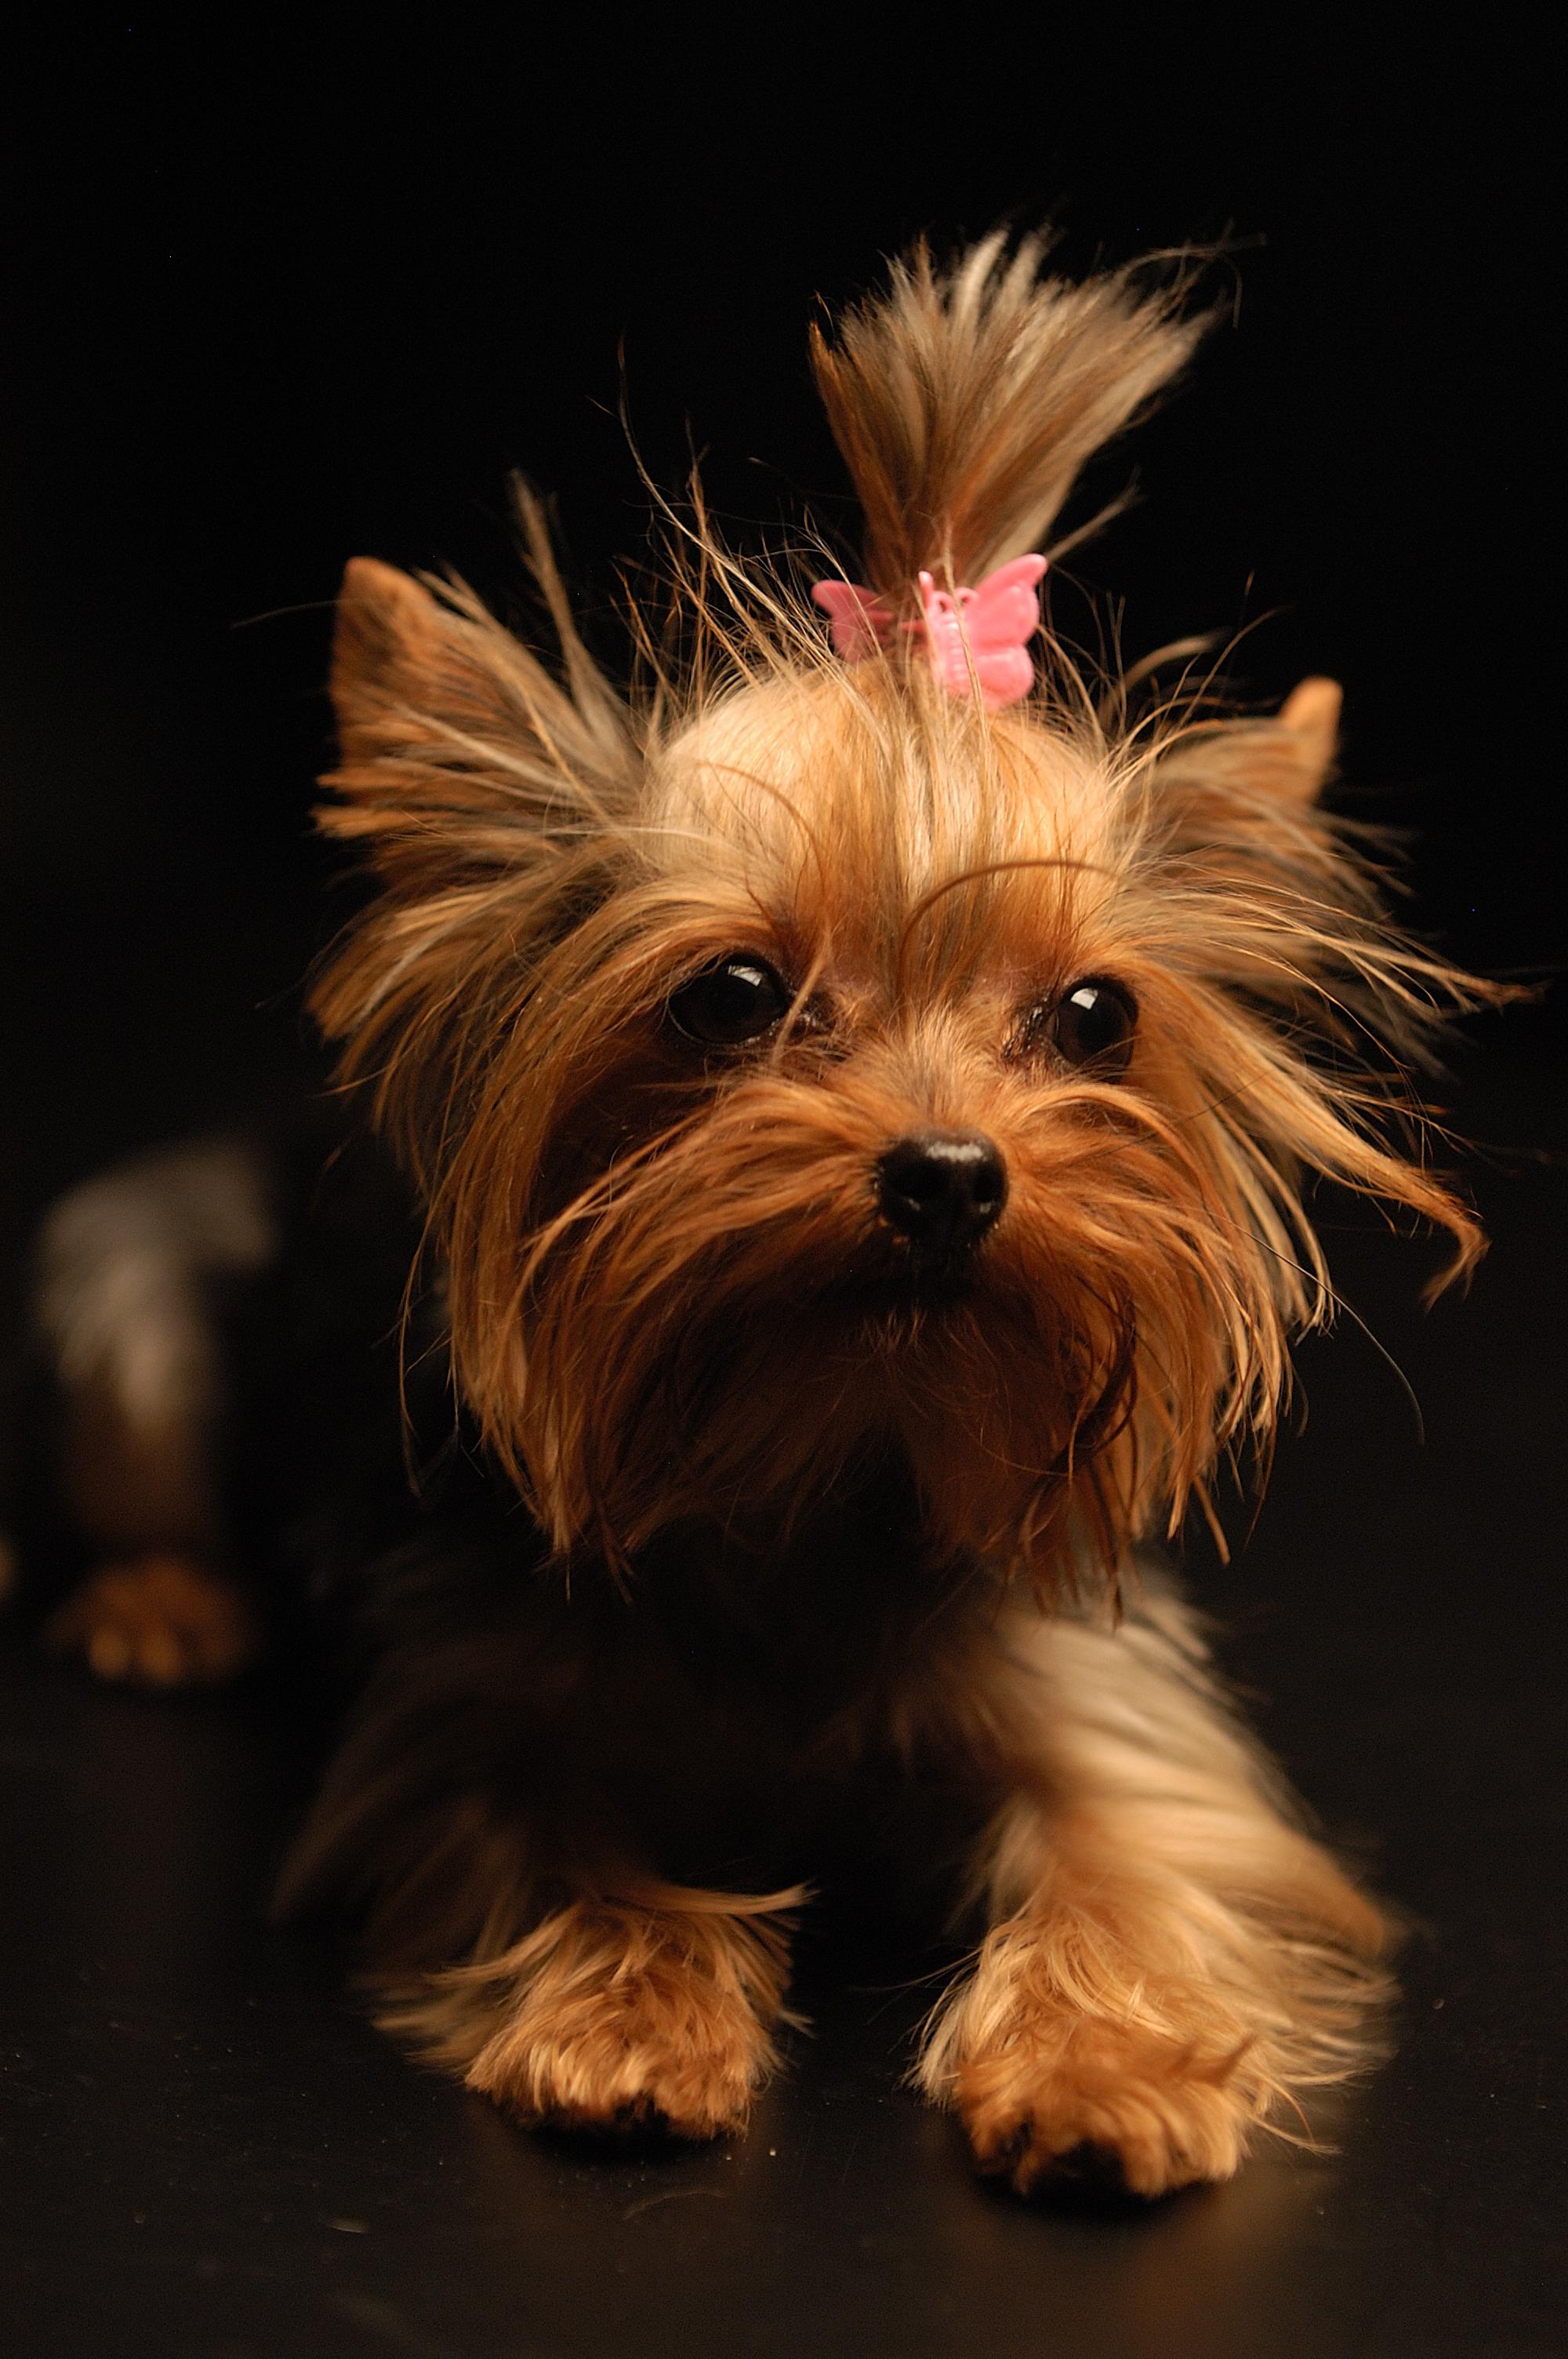 File:Yorkshire Terrier Apple.jpg - Wikimedia Commons